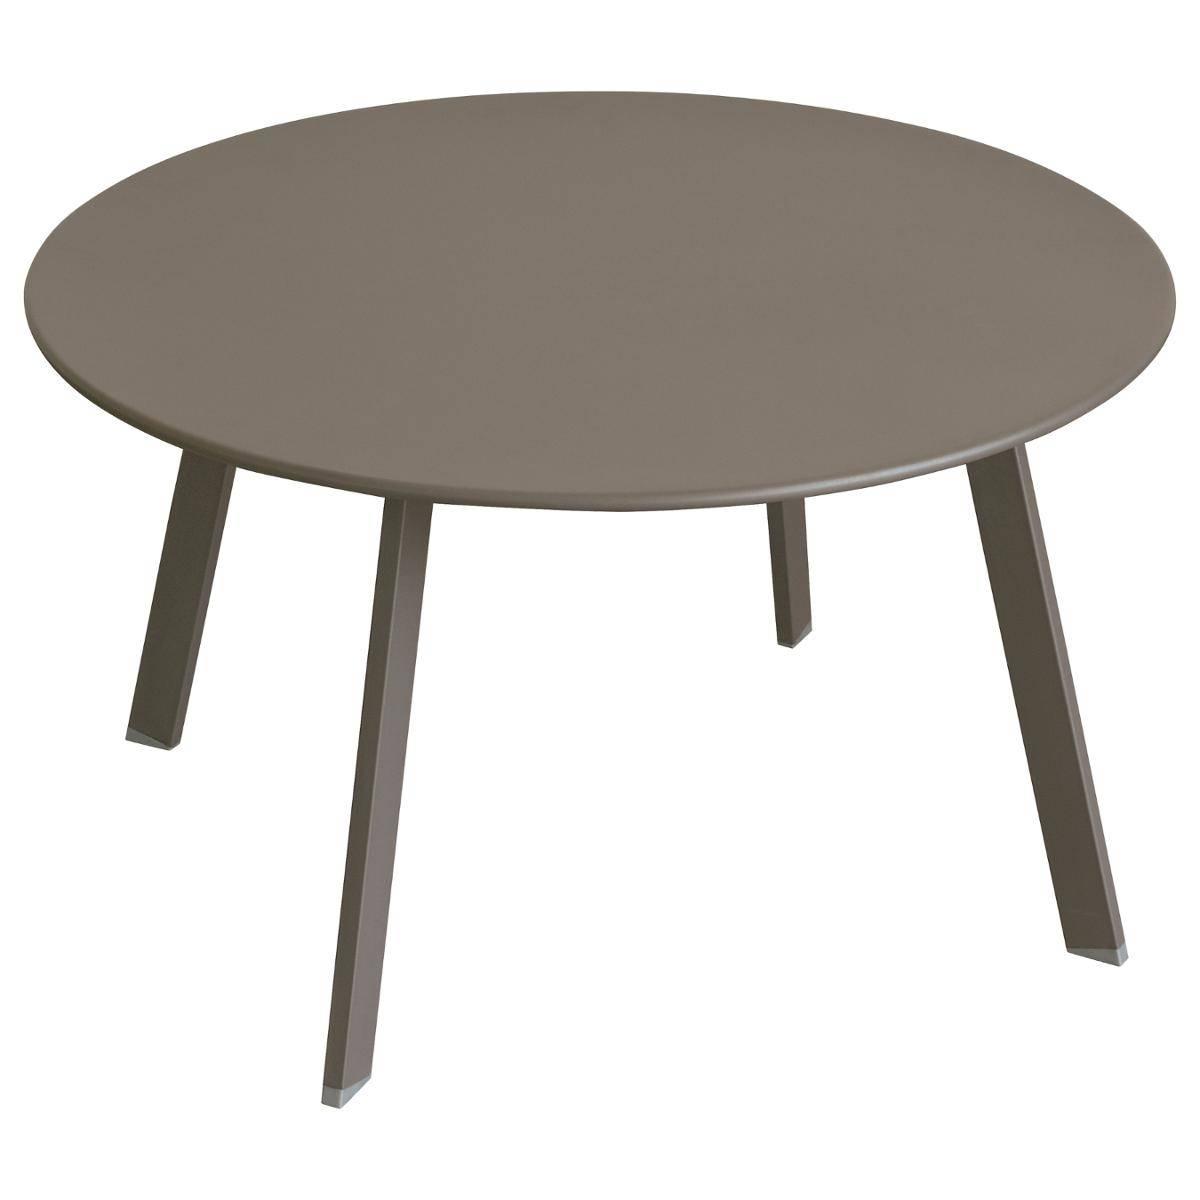 שולחן נמוך דגם SANOA קוטר 70 סמ